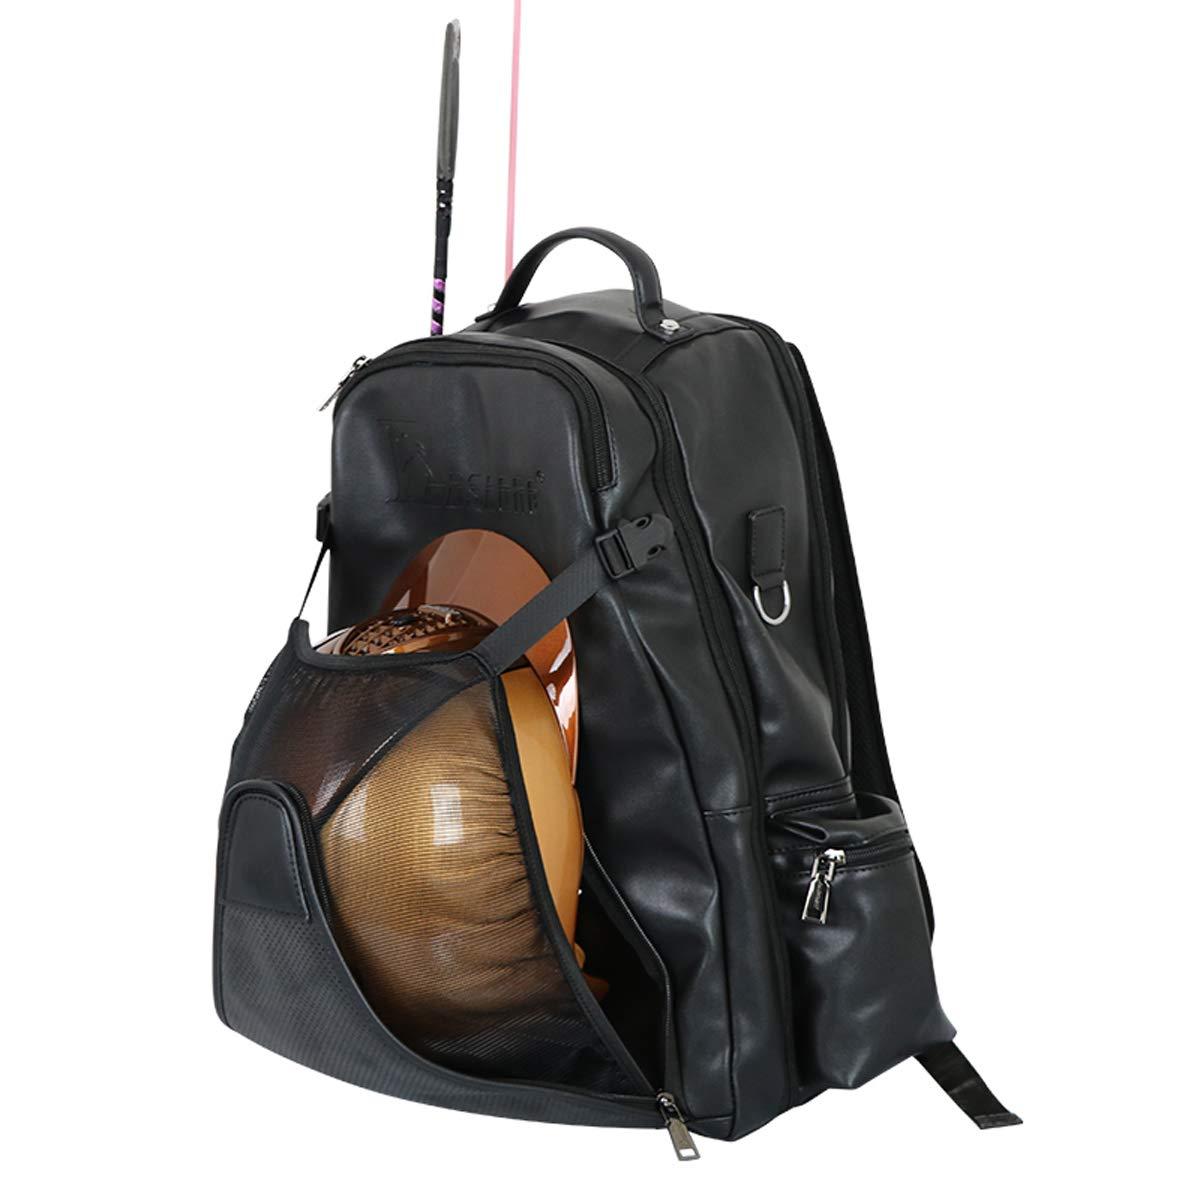 日本最級 UNISTRENGH プロフェッショナル 乗馬用バックパック 隠しメッシュヘルメットホルダー付き ブラック 防水 乗馬用ブーツバッグ UNISTRENGH B07L836CM6 ブラック ブラック ブラック, 手づくり高級婦人靴 エッセデッセ:89dfd743 --- jagorawi.com